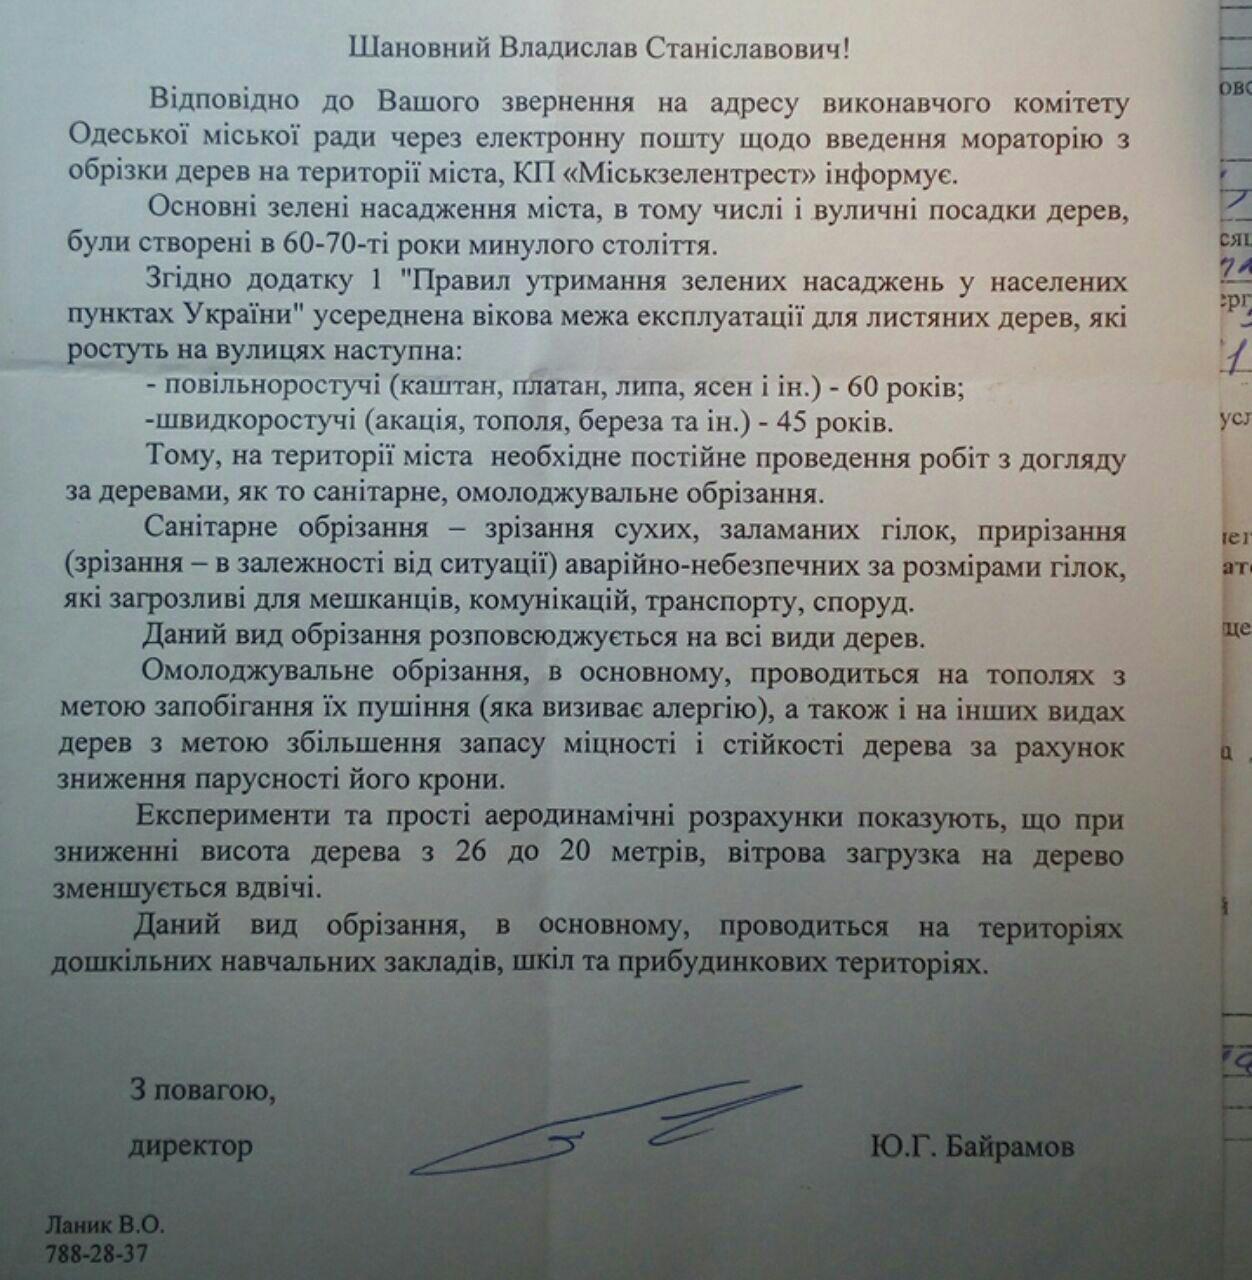 Фото автора петиции.